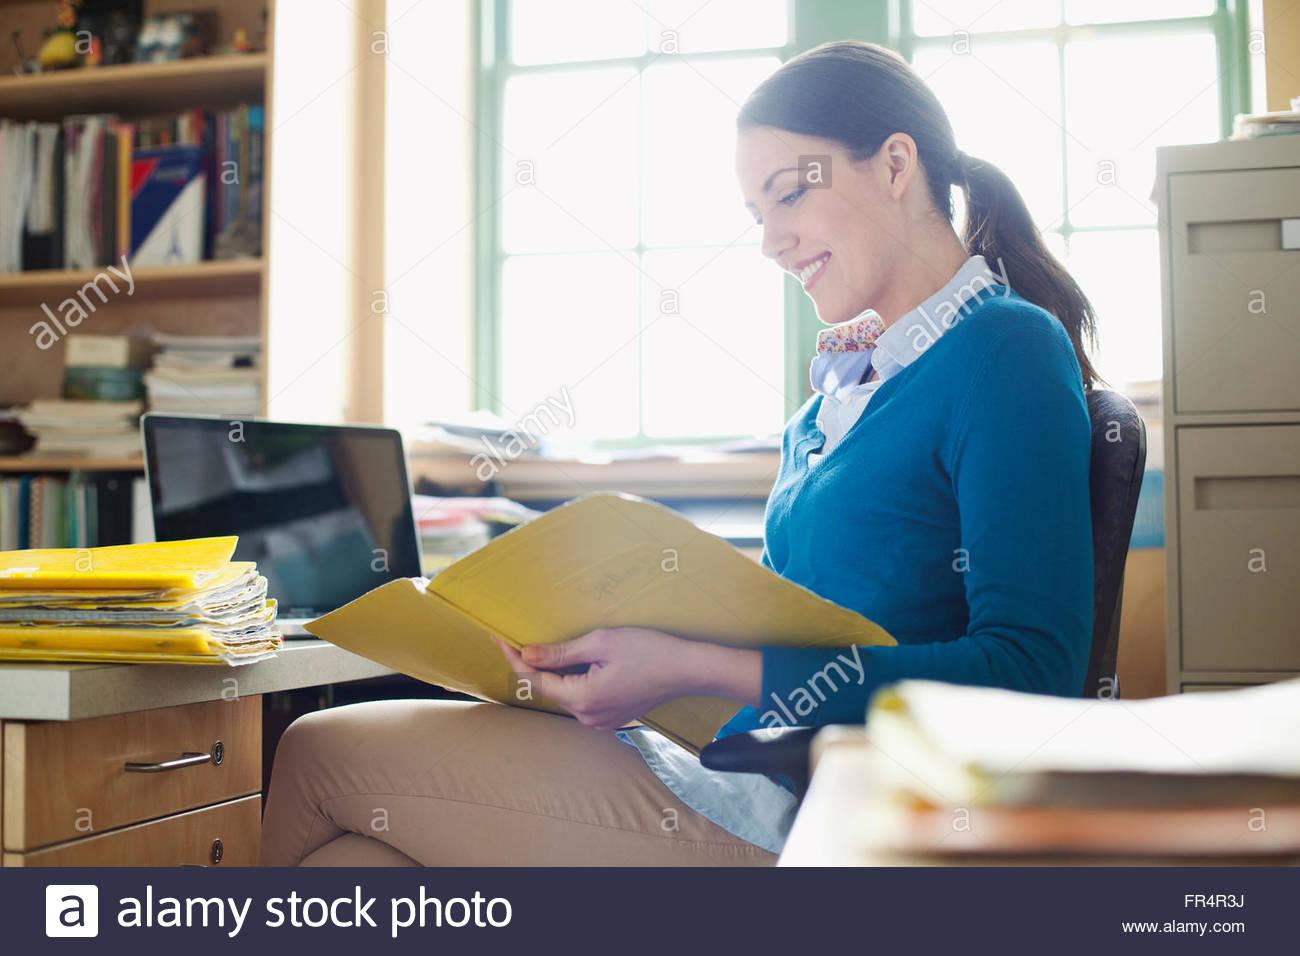 Insegnante di scuola elementare revisione di documenti Immagini Stock